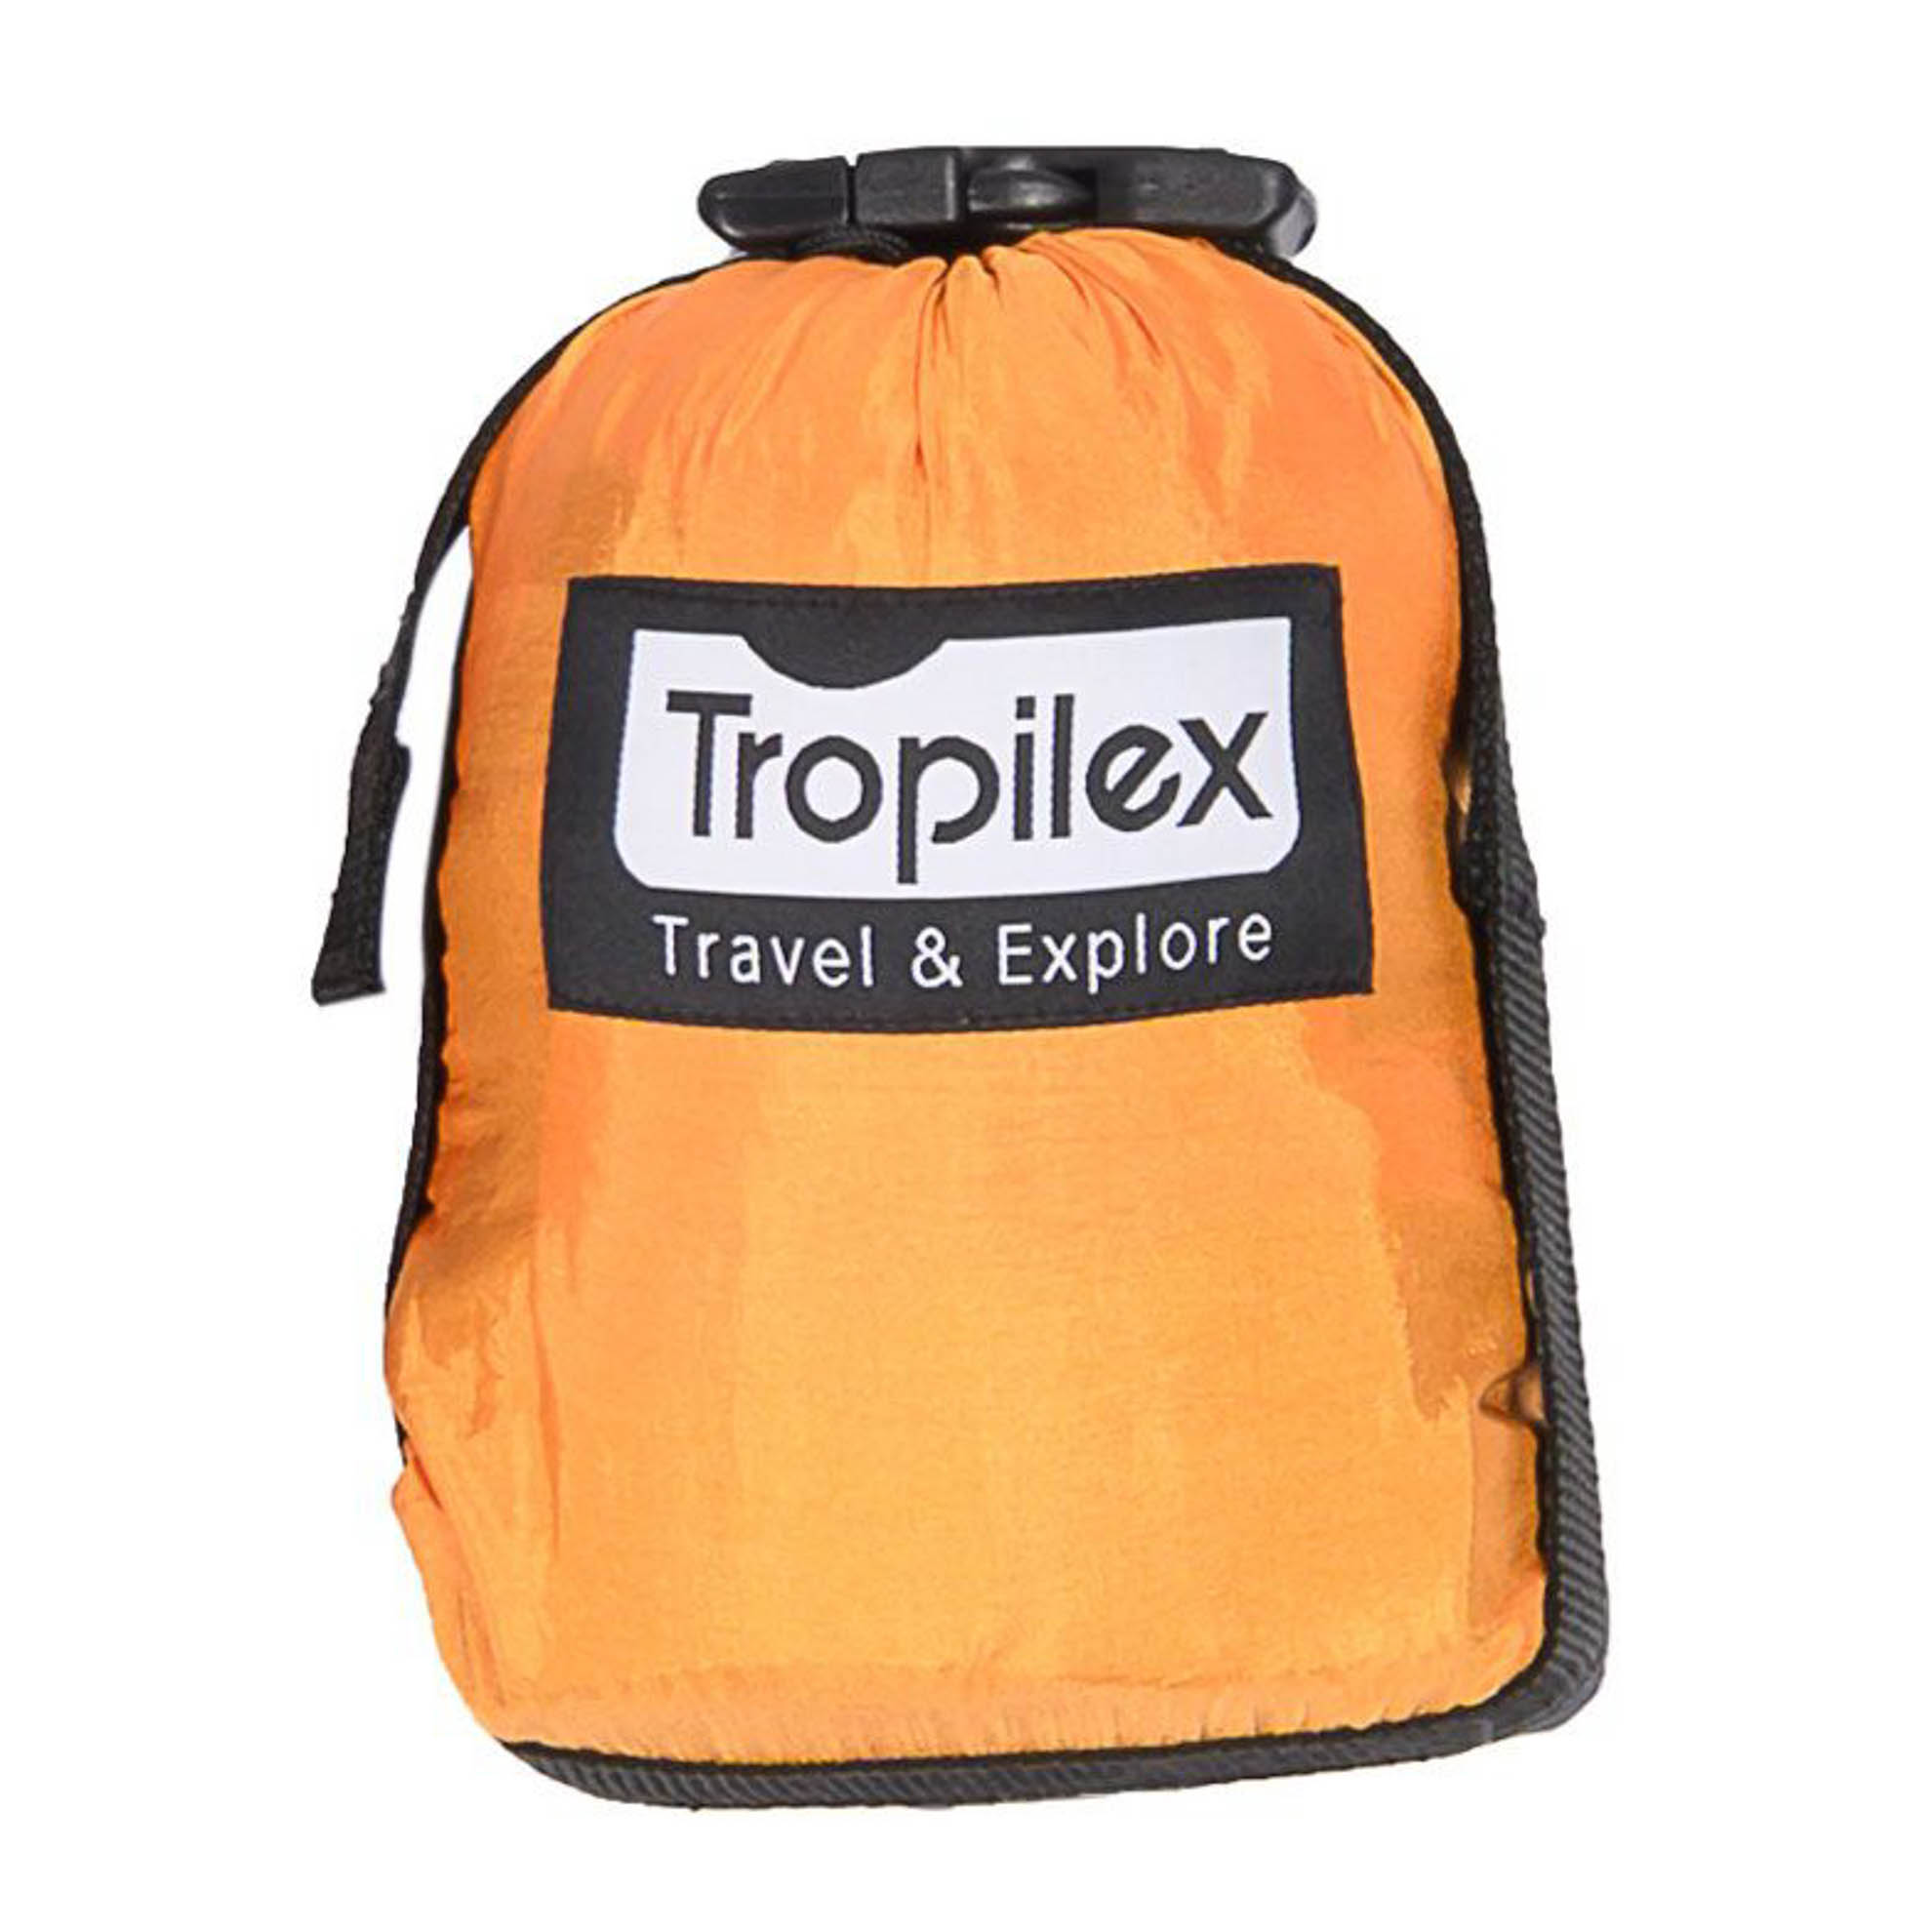 Tropilex Outdoor Hängematte   Haengewelt.de